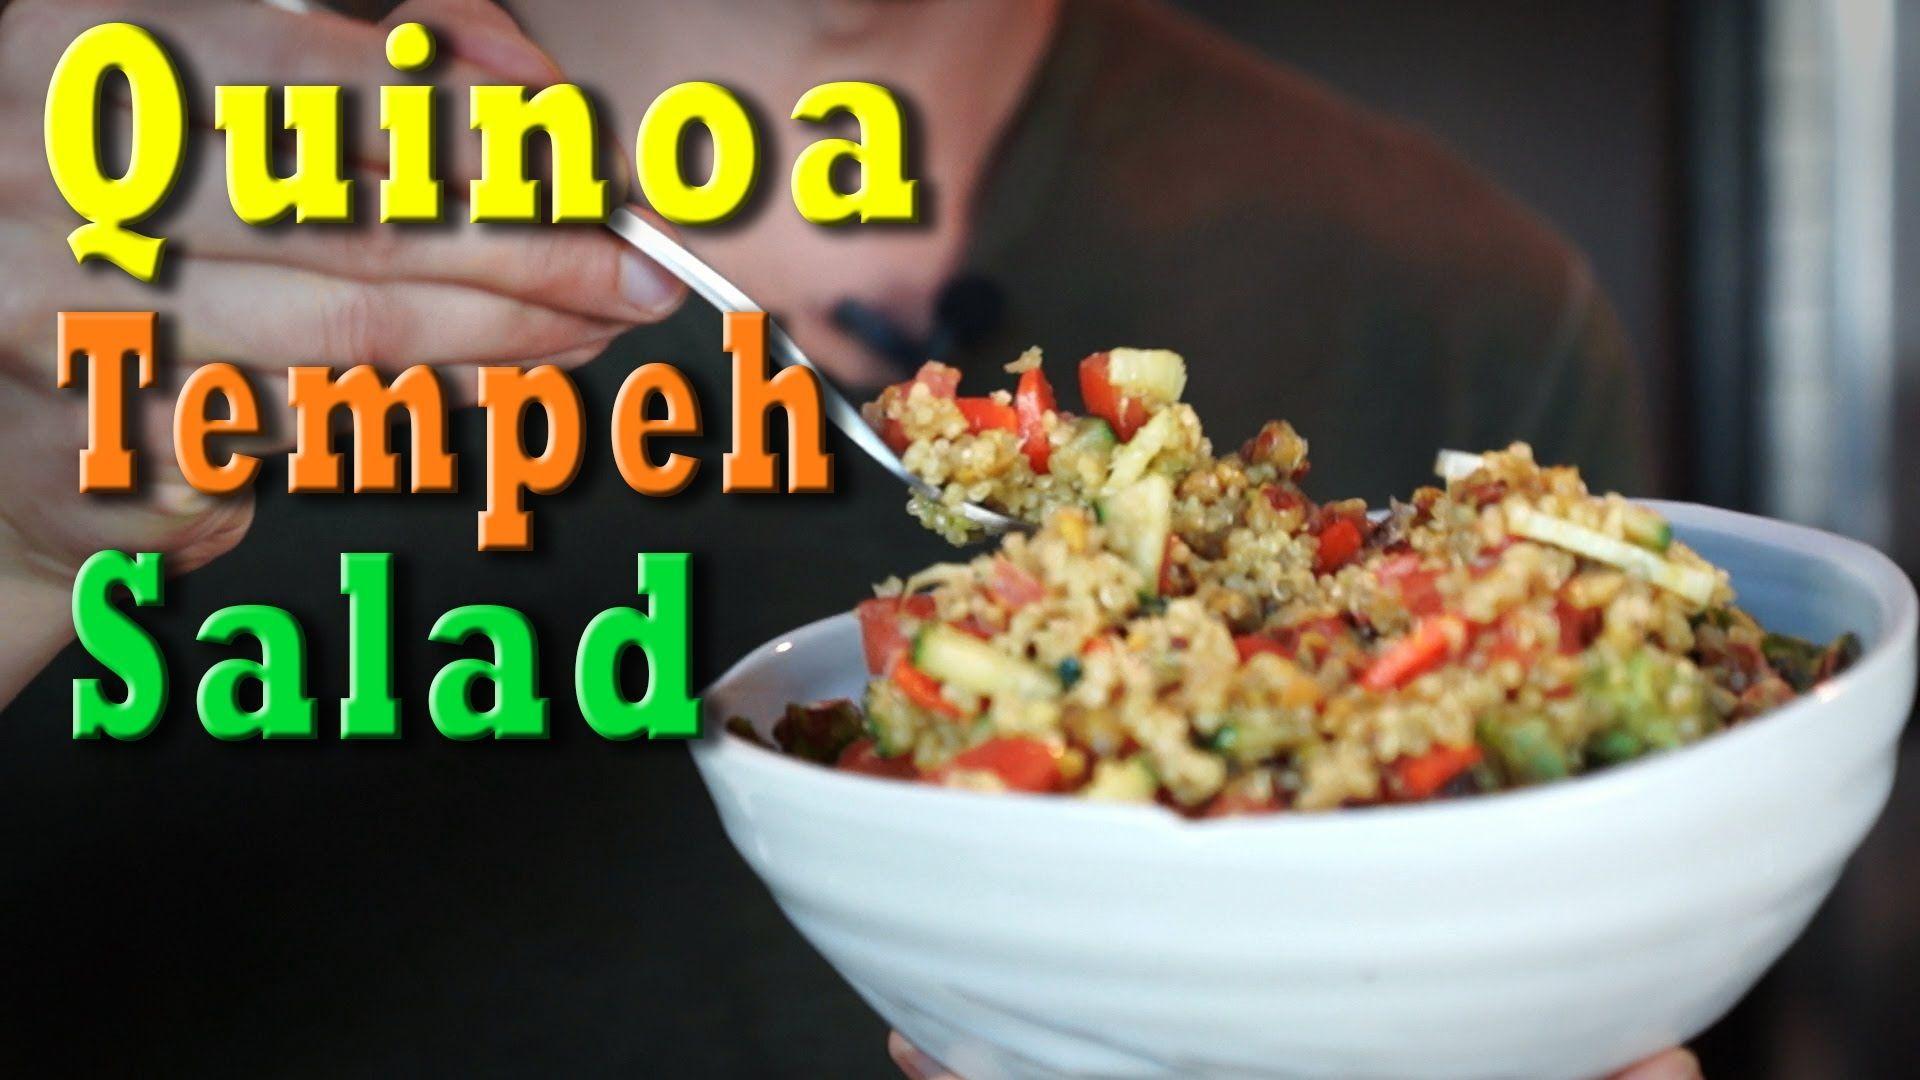 Vegan recipe quinoa tempeh salad foodgasmic recipes pinterest vegan recipe quinoa tempeh salad forumfinder Images